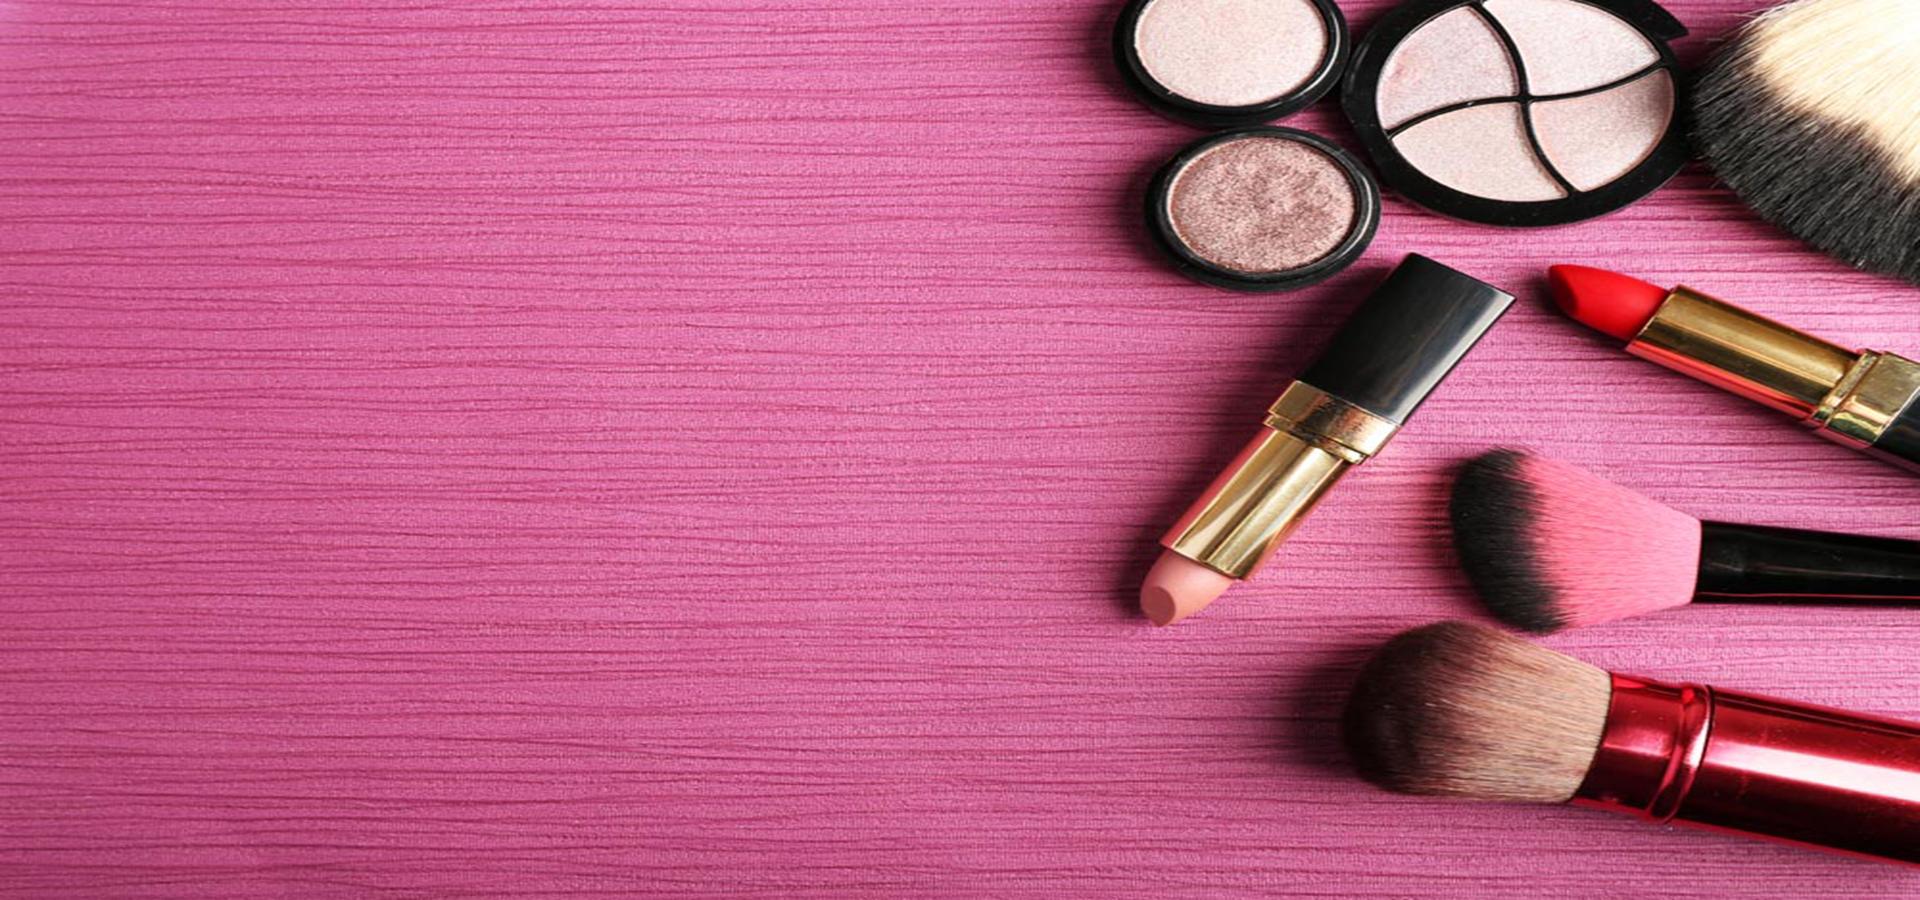 batom maquiagem cosm u00e9ticos produtos de higiene pessoal background p u00f3 facial fazer escova imagem